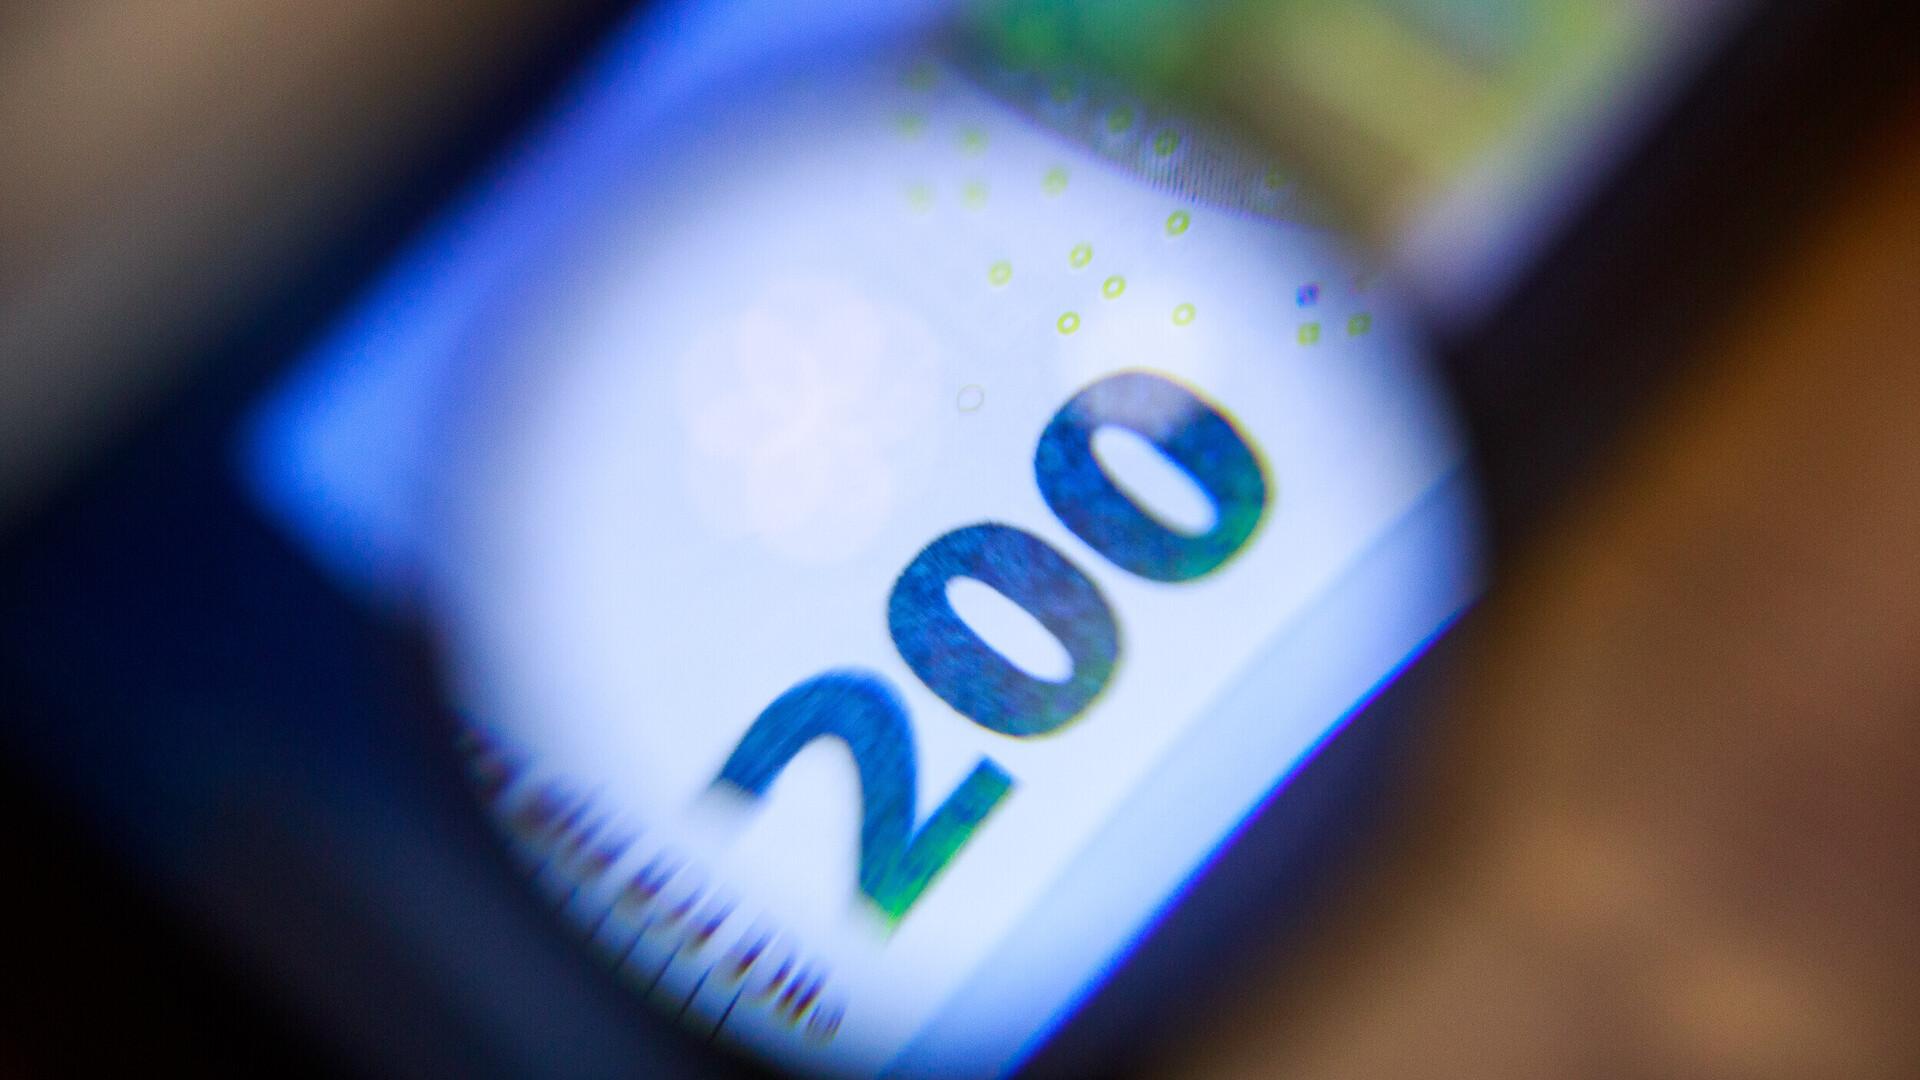 18fd715c167 Graafik: Eesti kerkis EL-i keskmiste palkade edetabelis 17. kohale |  Majandus | ERR